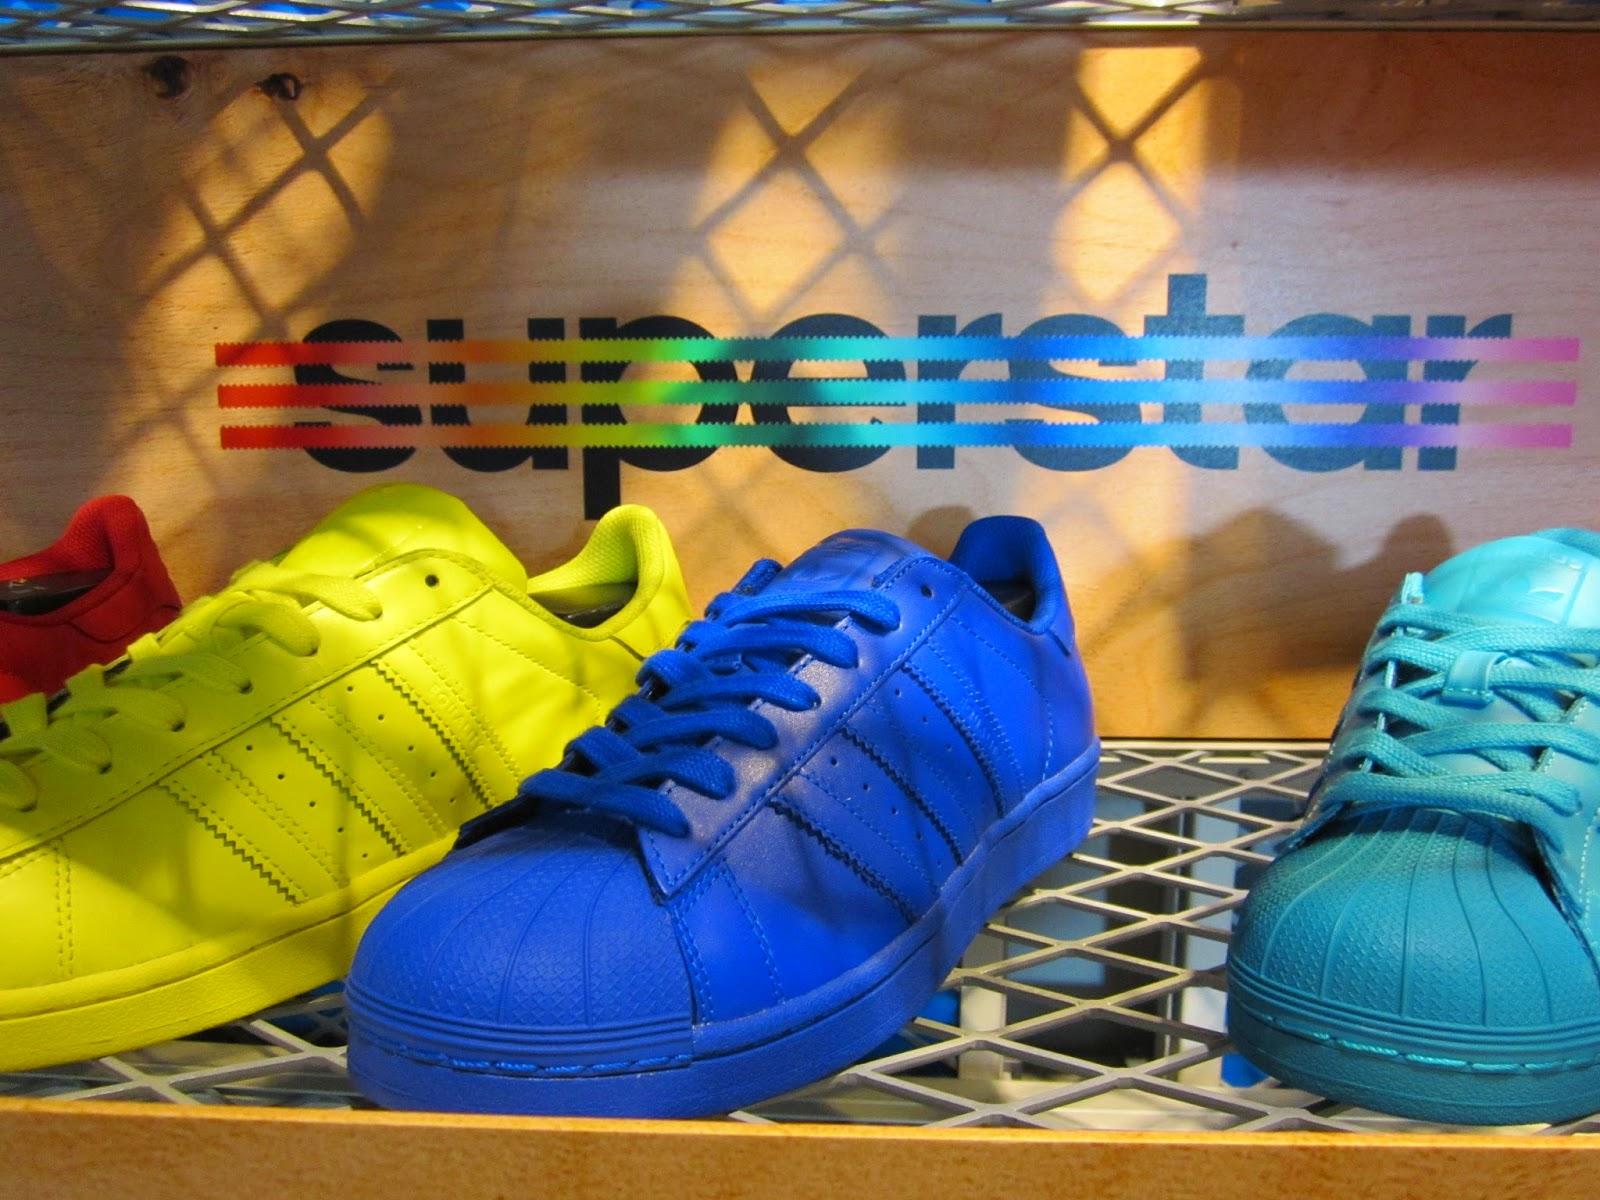 51da2dc3b4f ... adidas mall of asia location Défi J arrête, j y gagne! new lifestyle  5c927 f9cd7 ...